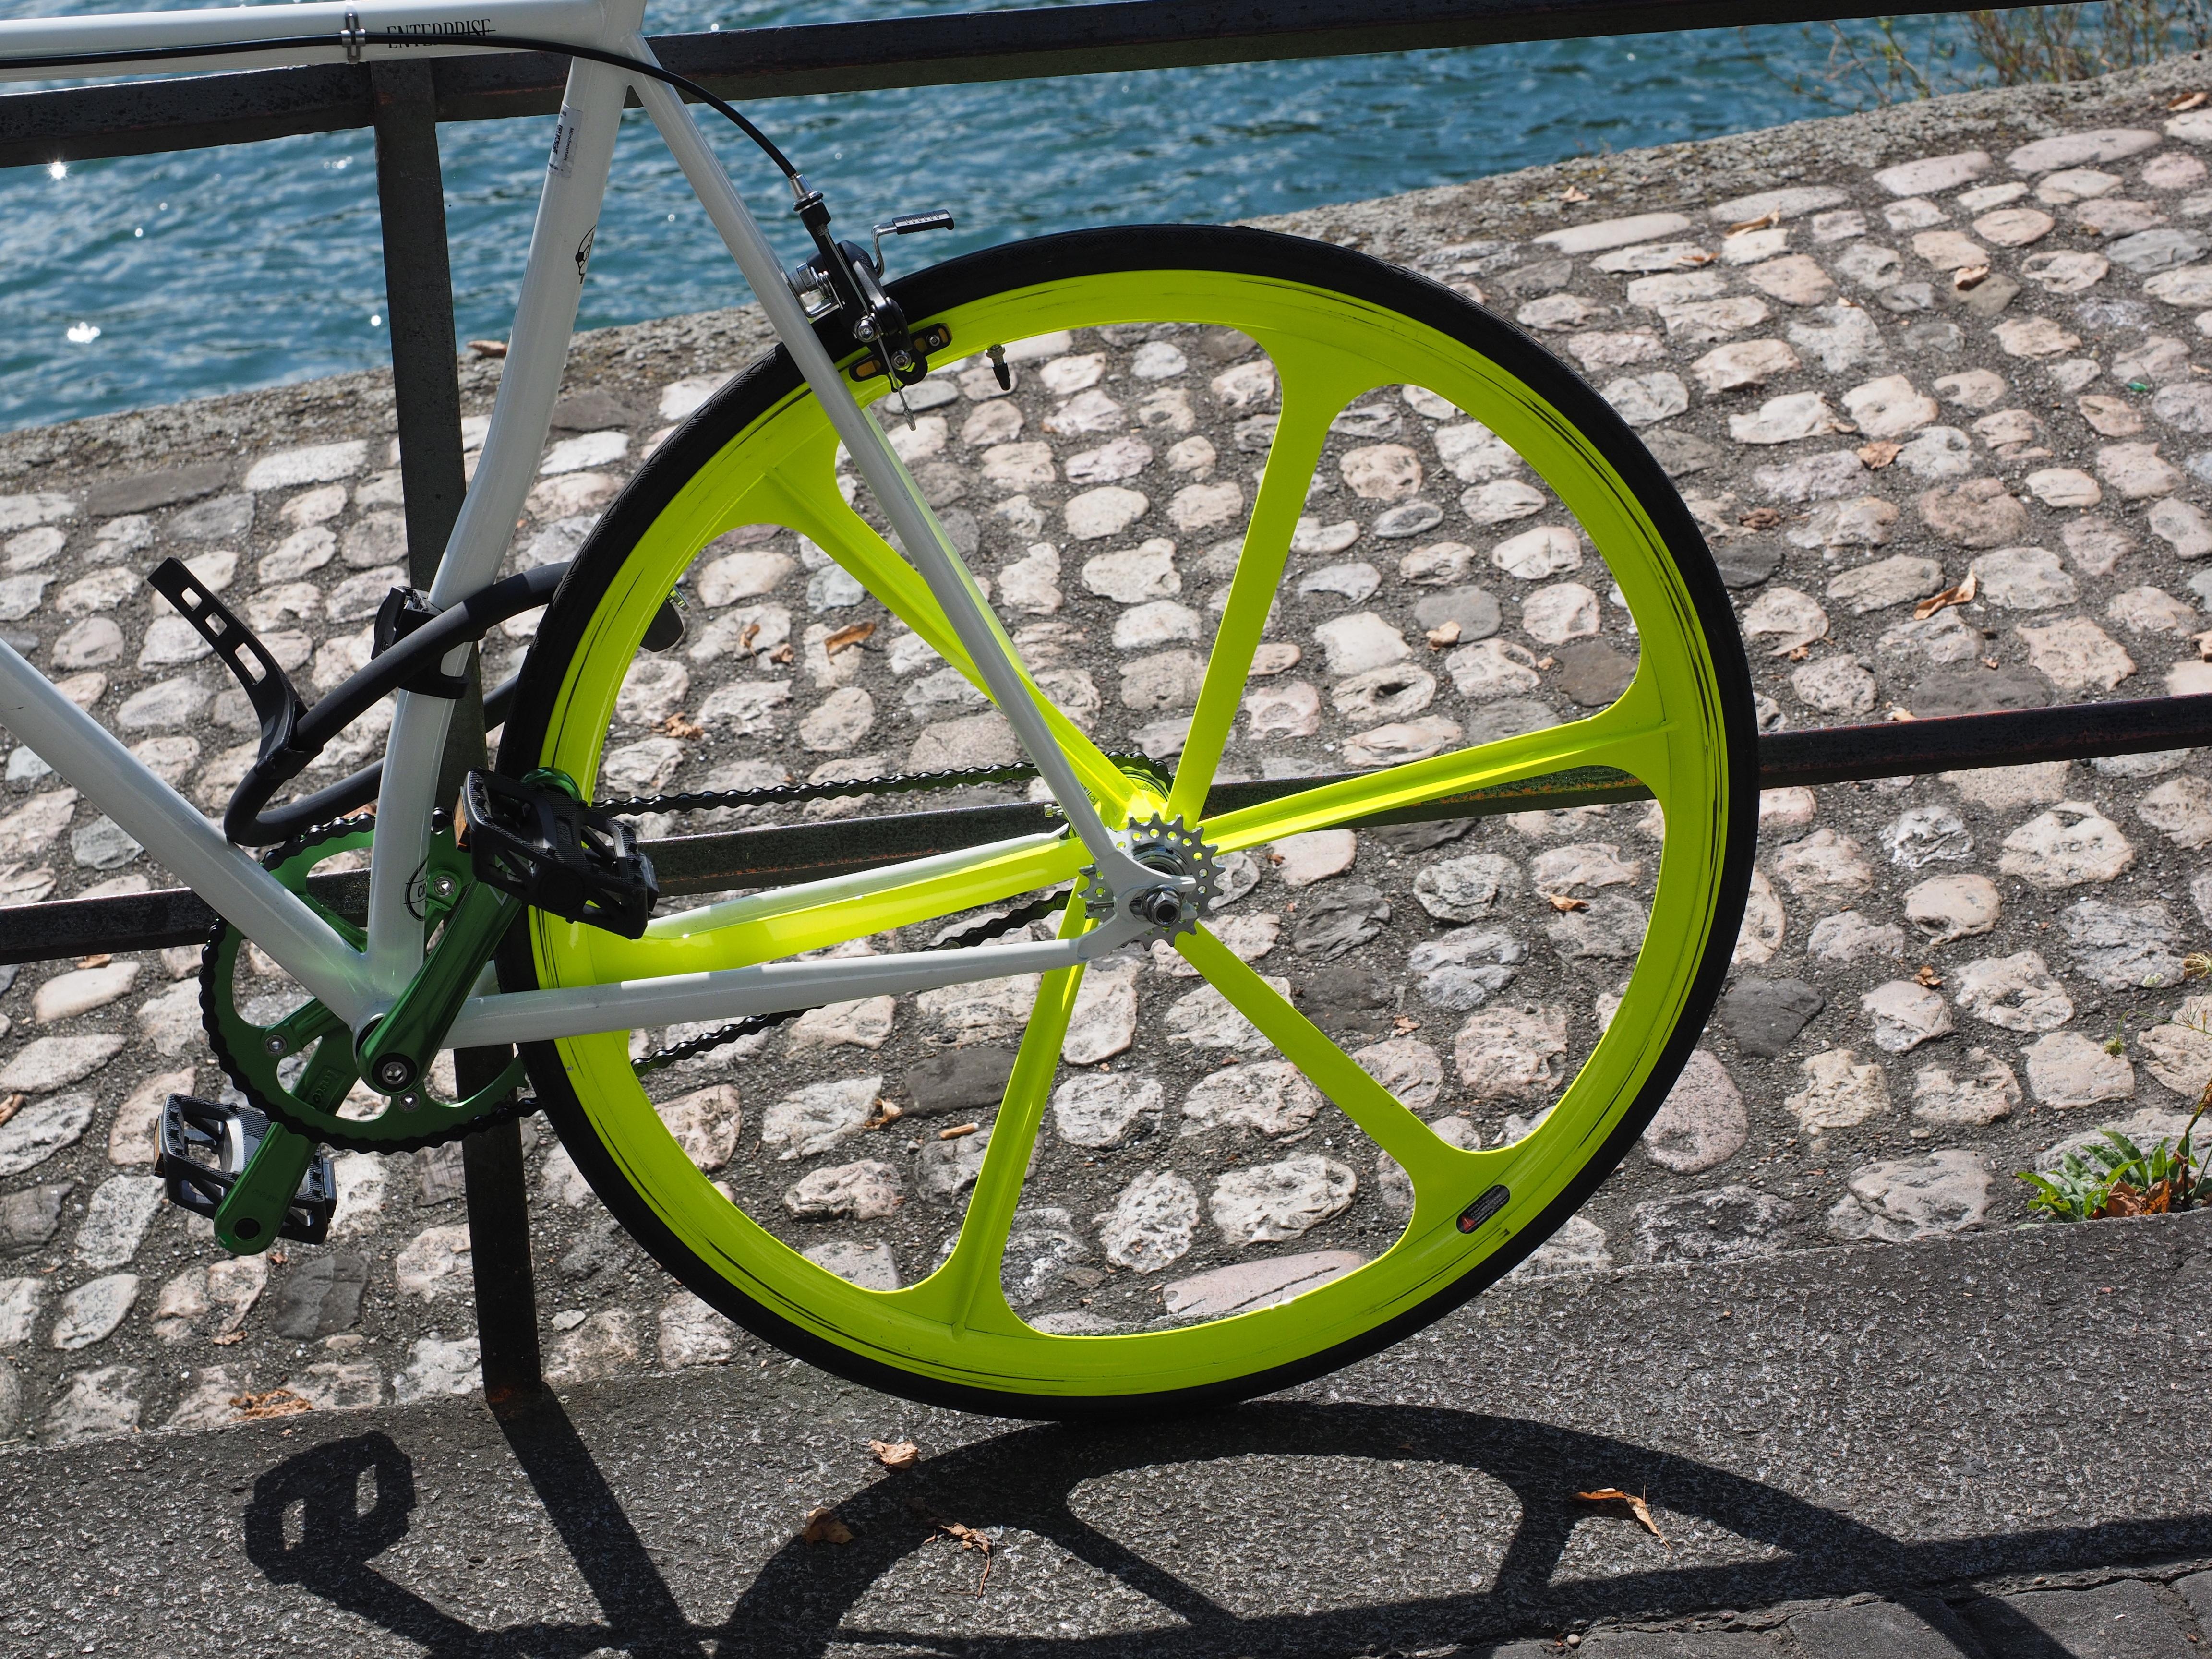 Спицы для велосипеды. как устроены велосипеды без спиц